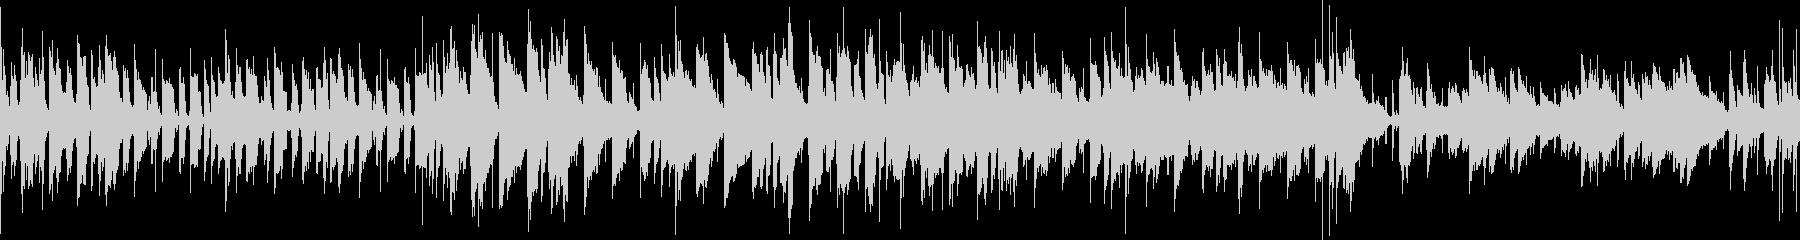 怪しげな雰囲気のインド音楽_ループverの未再生の波形